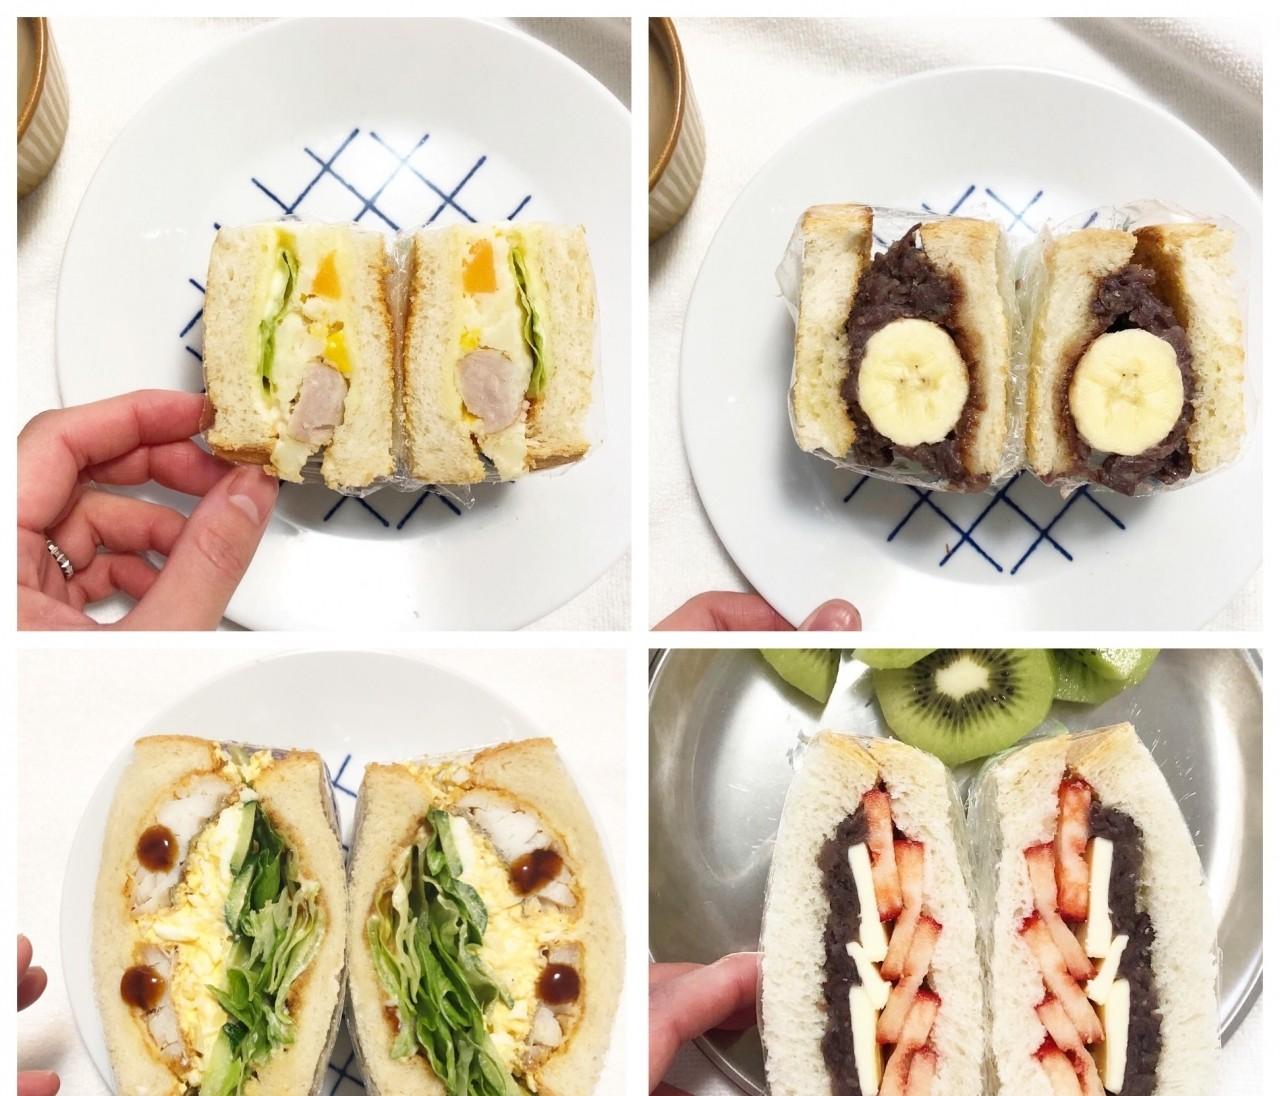 #おうち時間  実は簡単‼︎萌え断サンドで朝ごパン